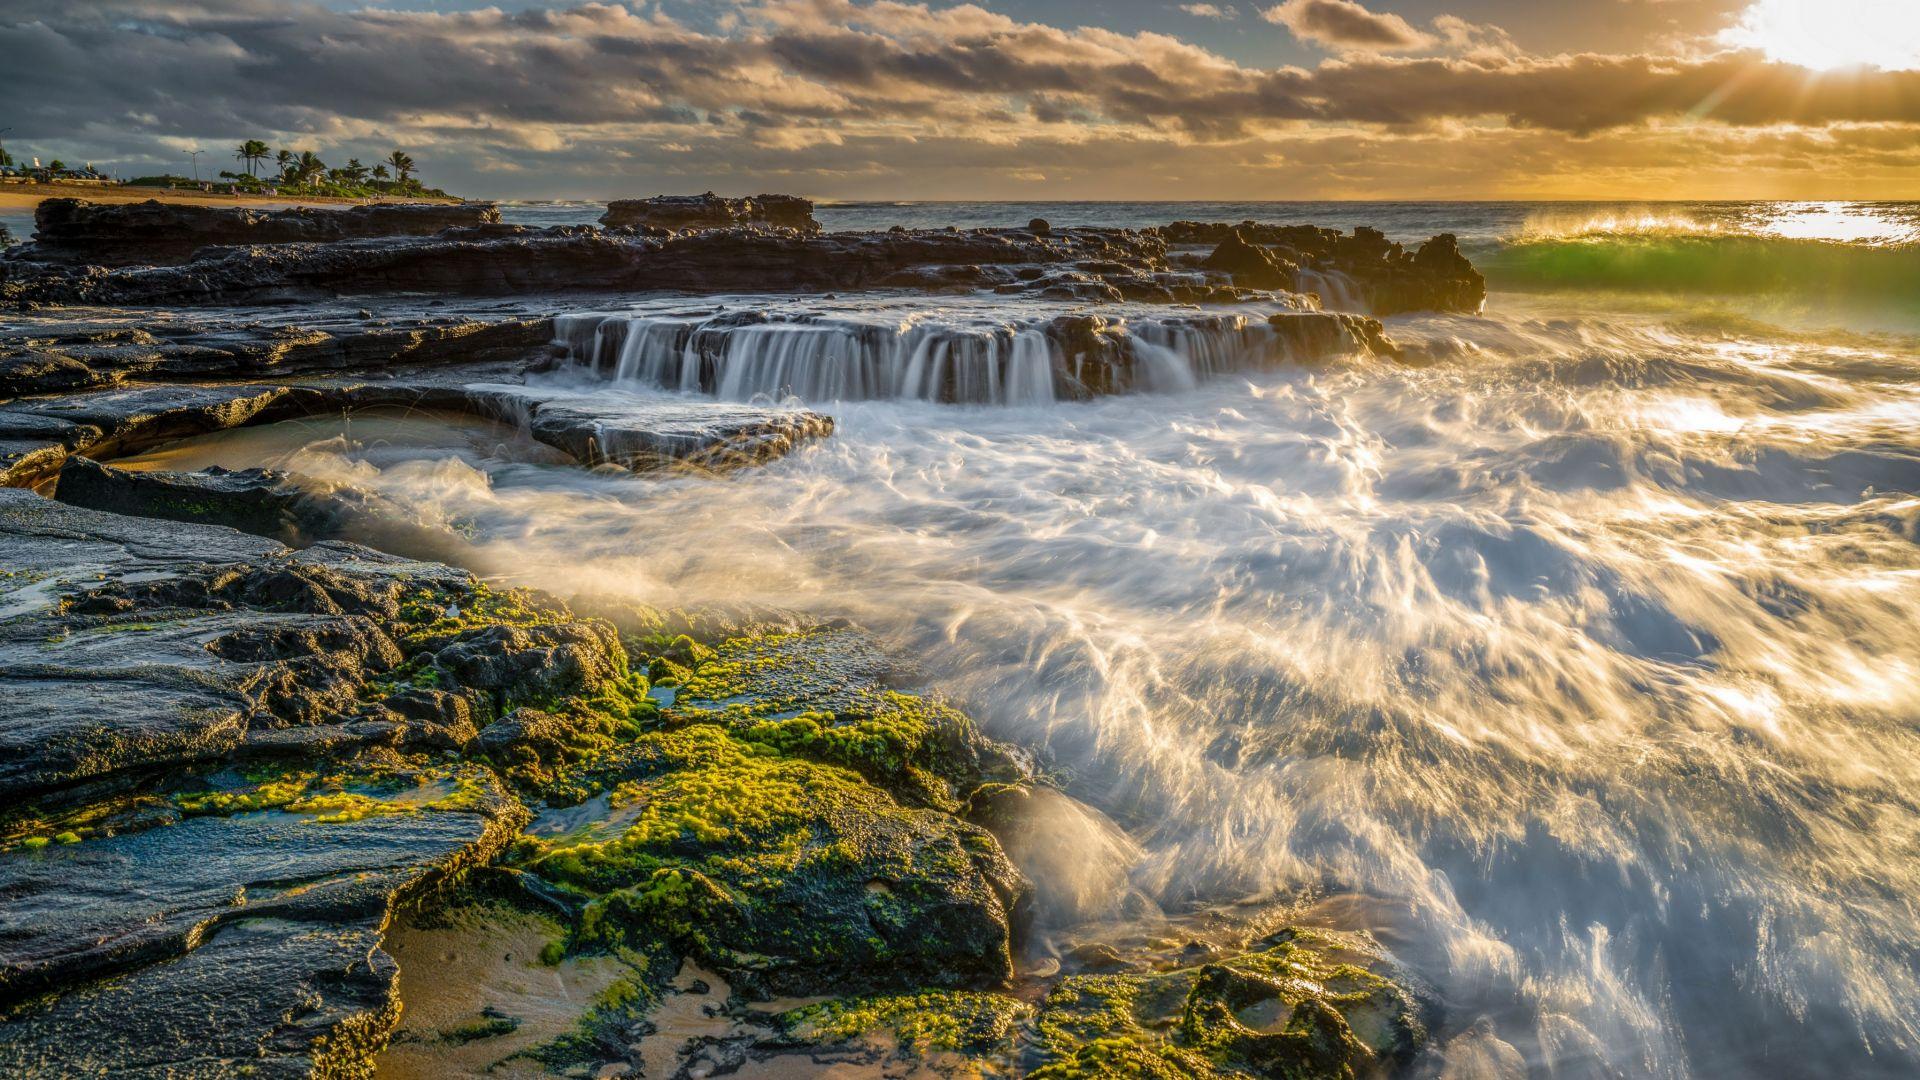 Wallpaper Rocky shore, sea, nature